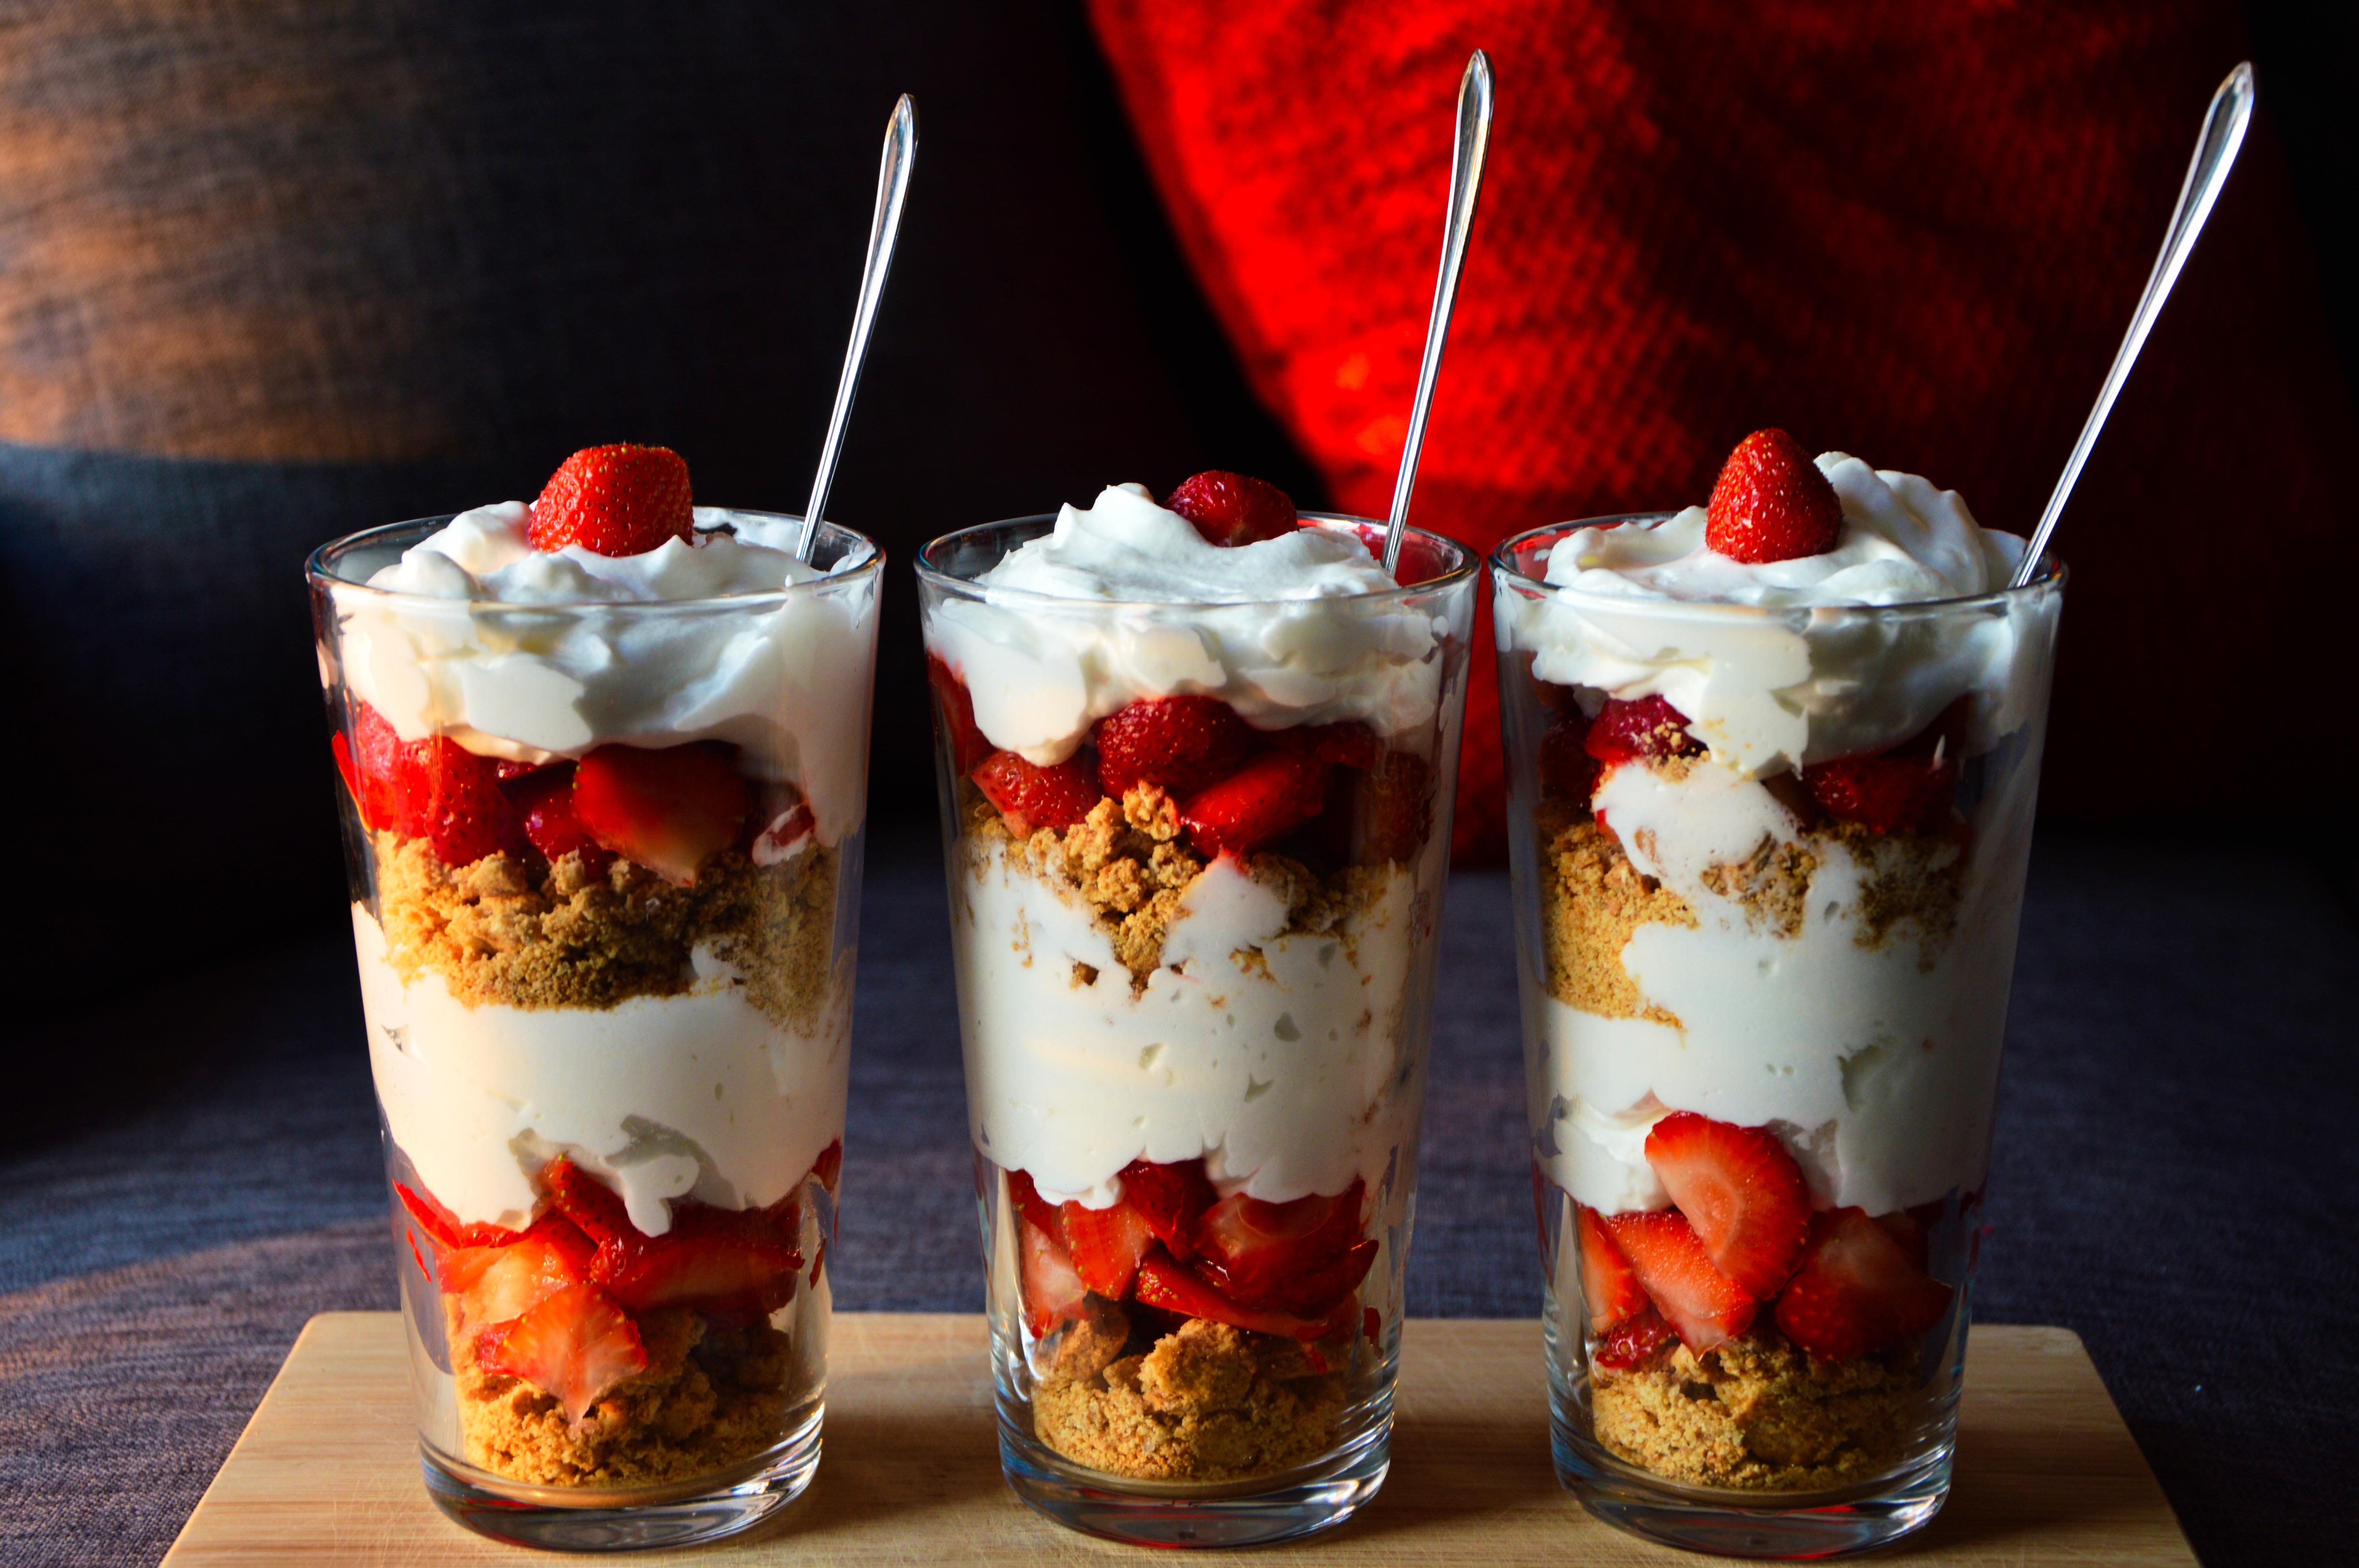 Десерт в стакане слоями рецепт с фото